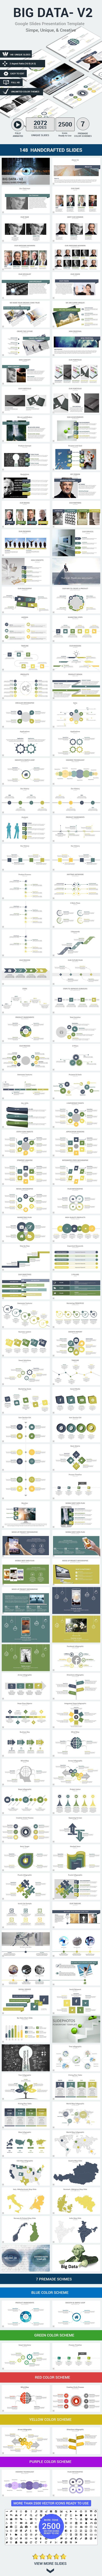 BIG DATA-V2 Google Slides Presentation Template - Google